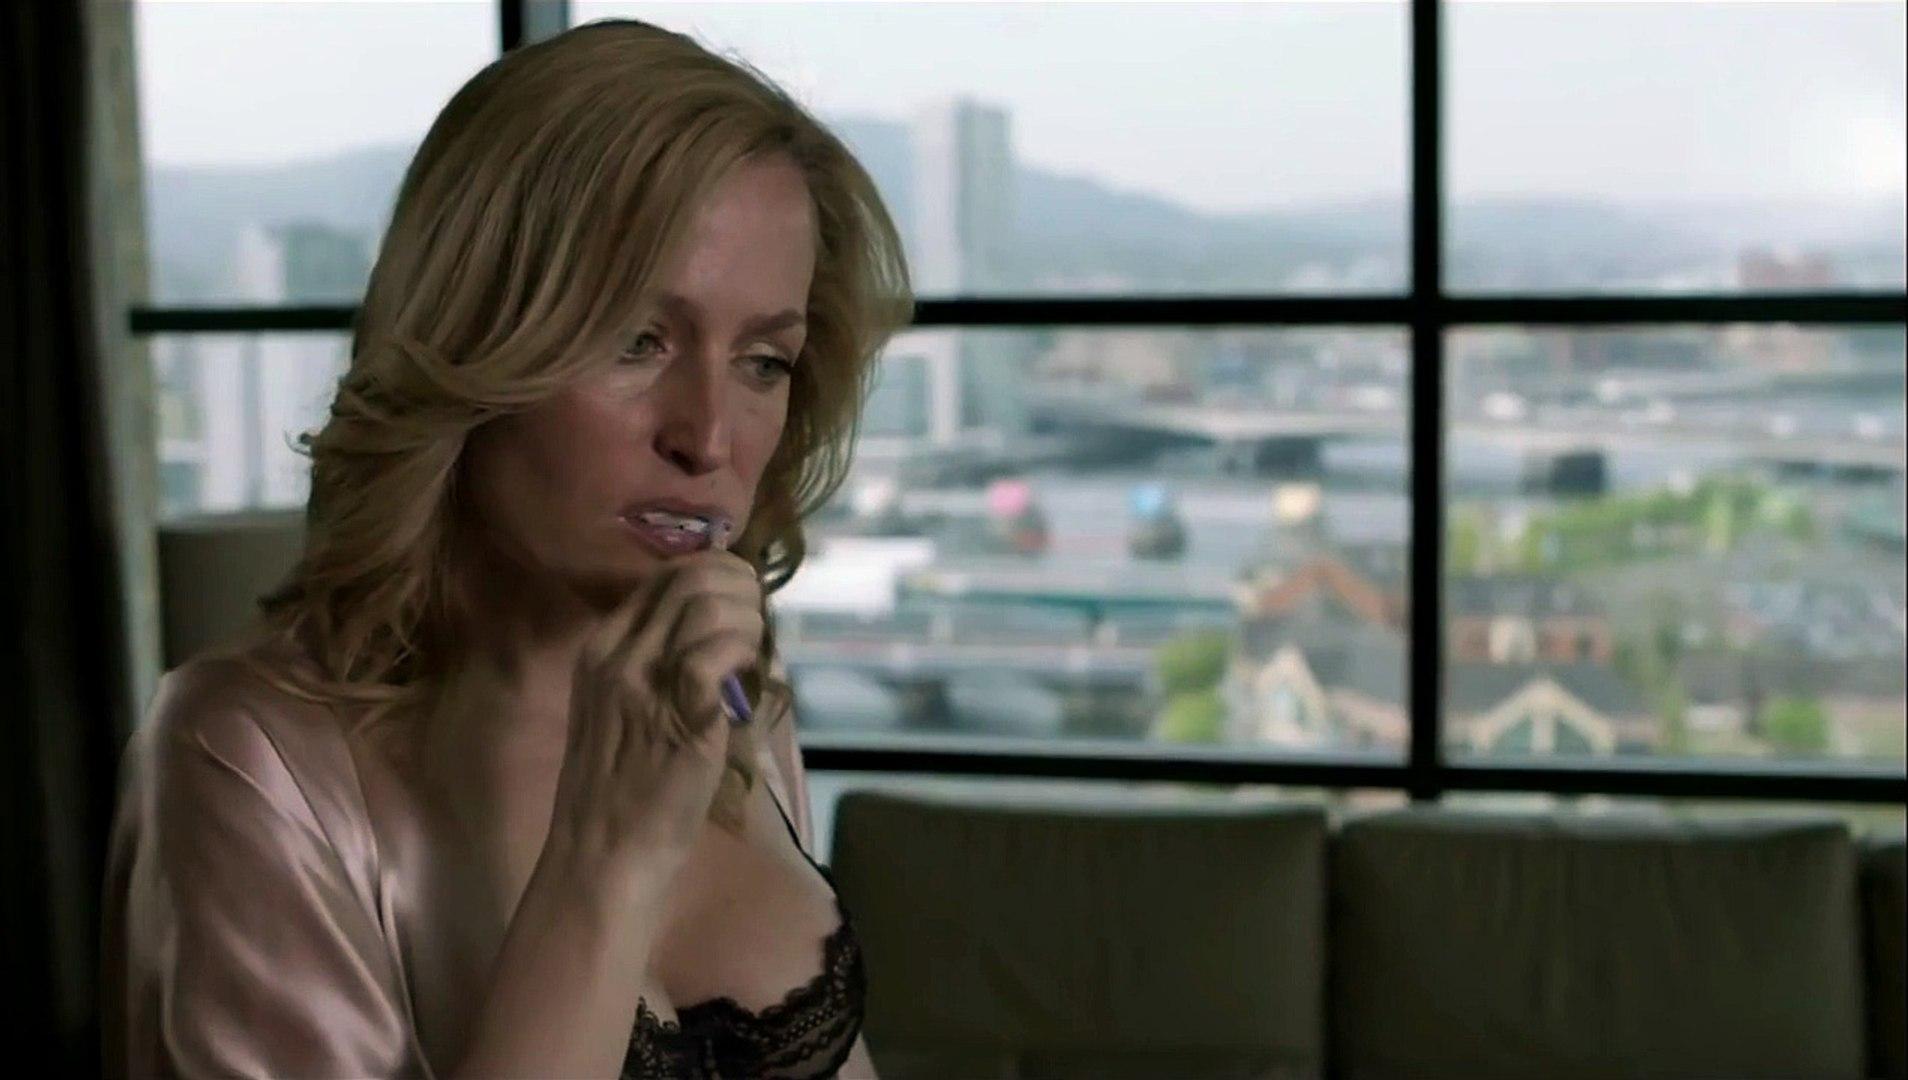 Anderson Gillian Nue gillian anderson hot scene (the fall)